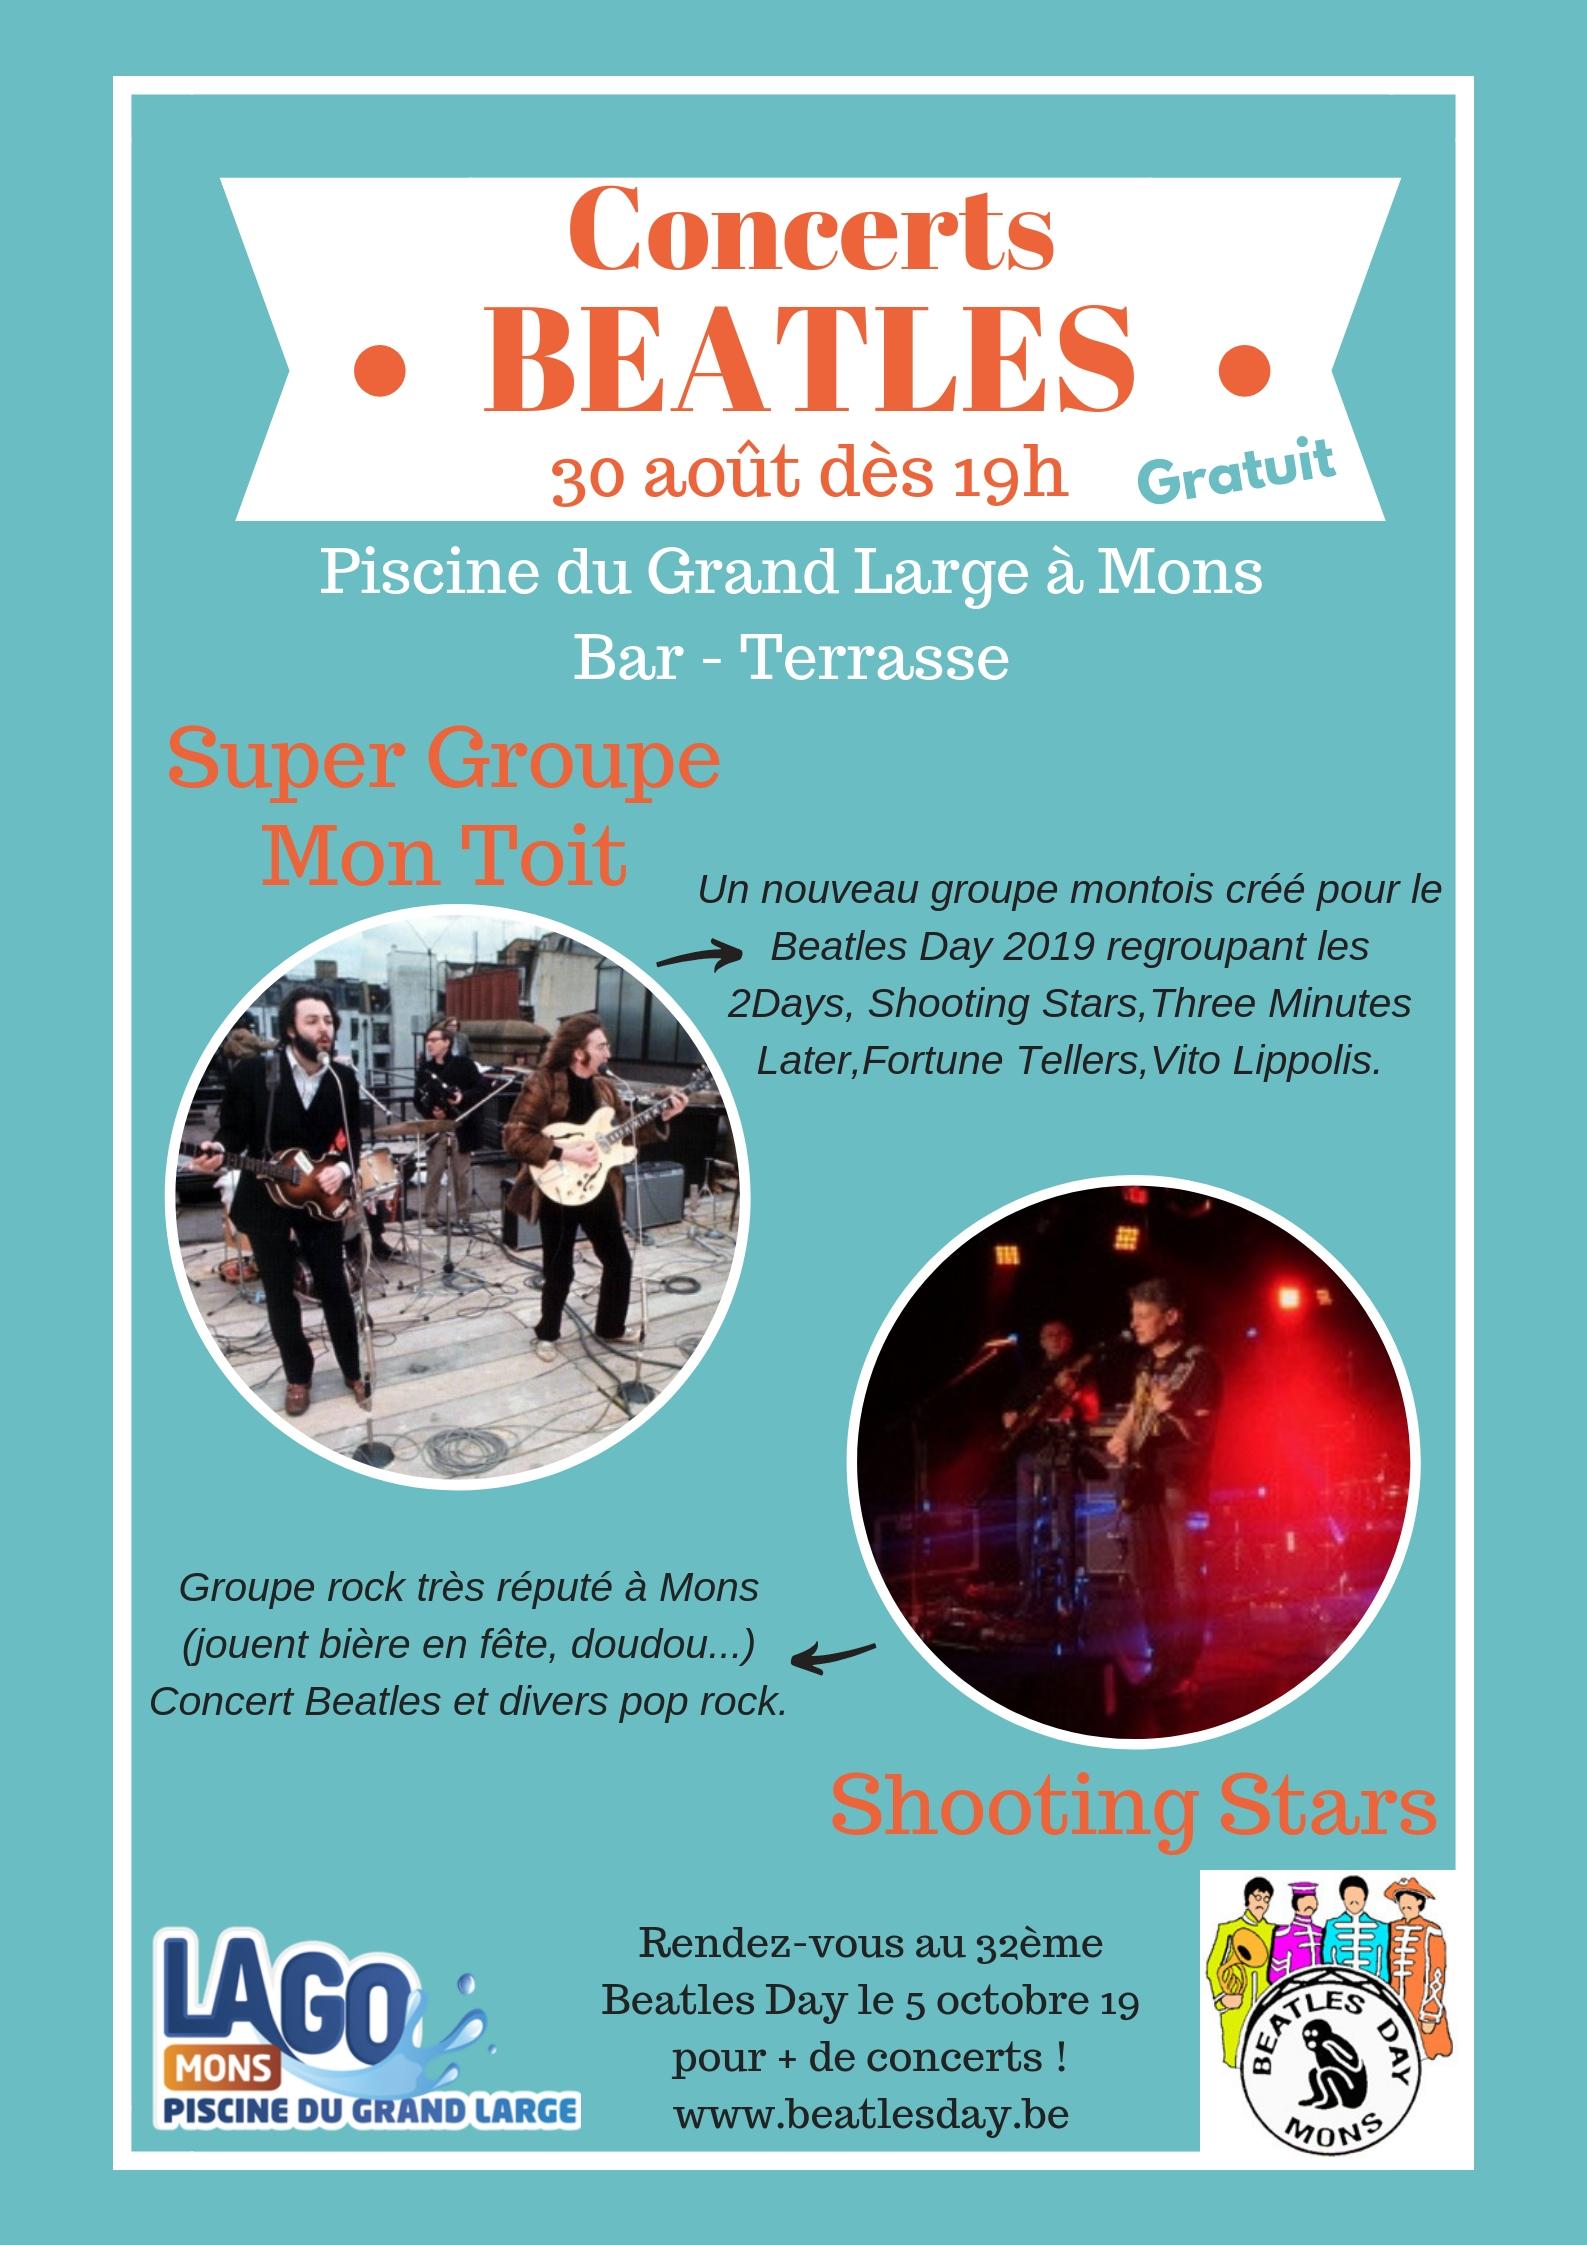 Concerts Pré-Beatles Day gratuit à la piscine du Grand Large vendredi 30 août 2019 19h